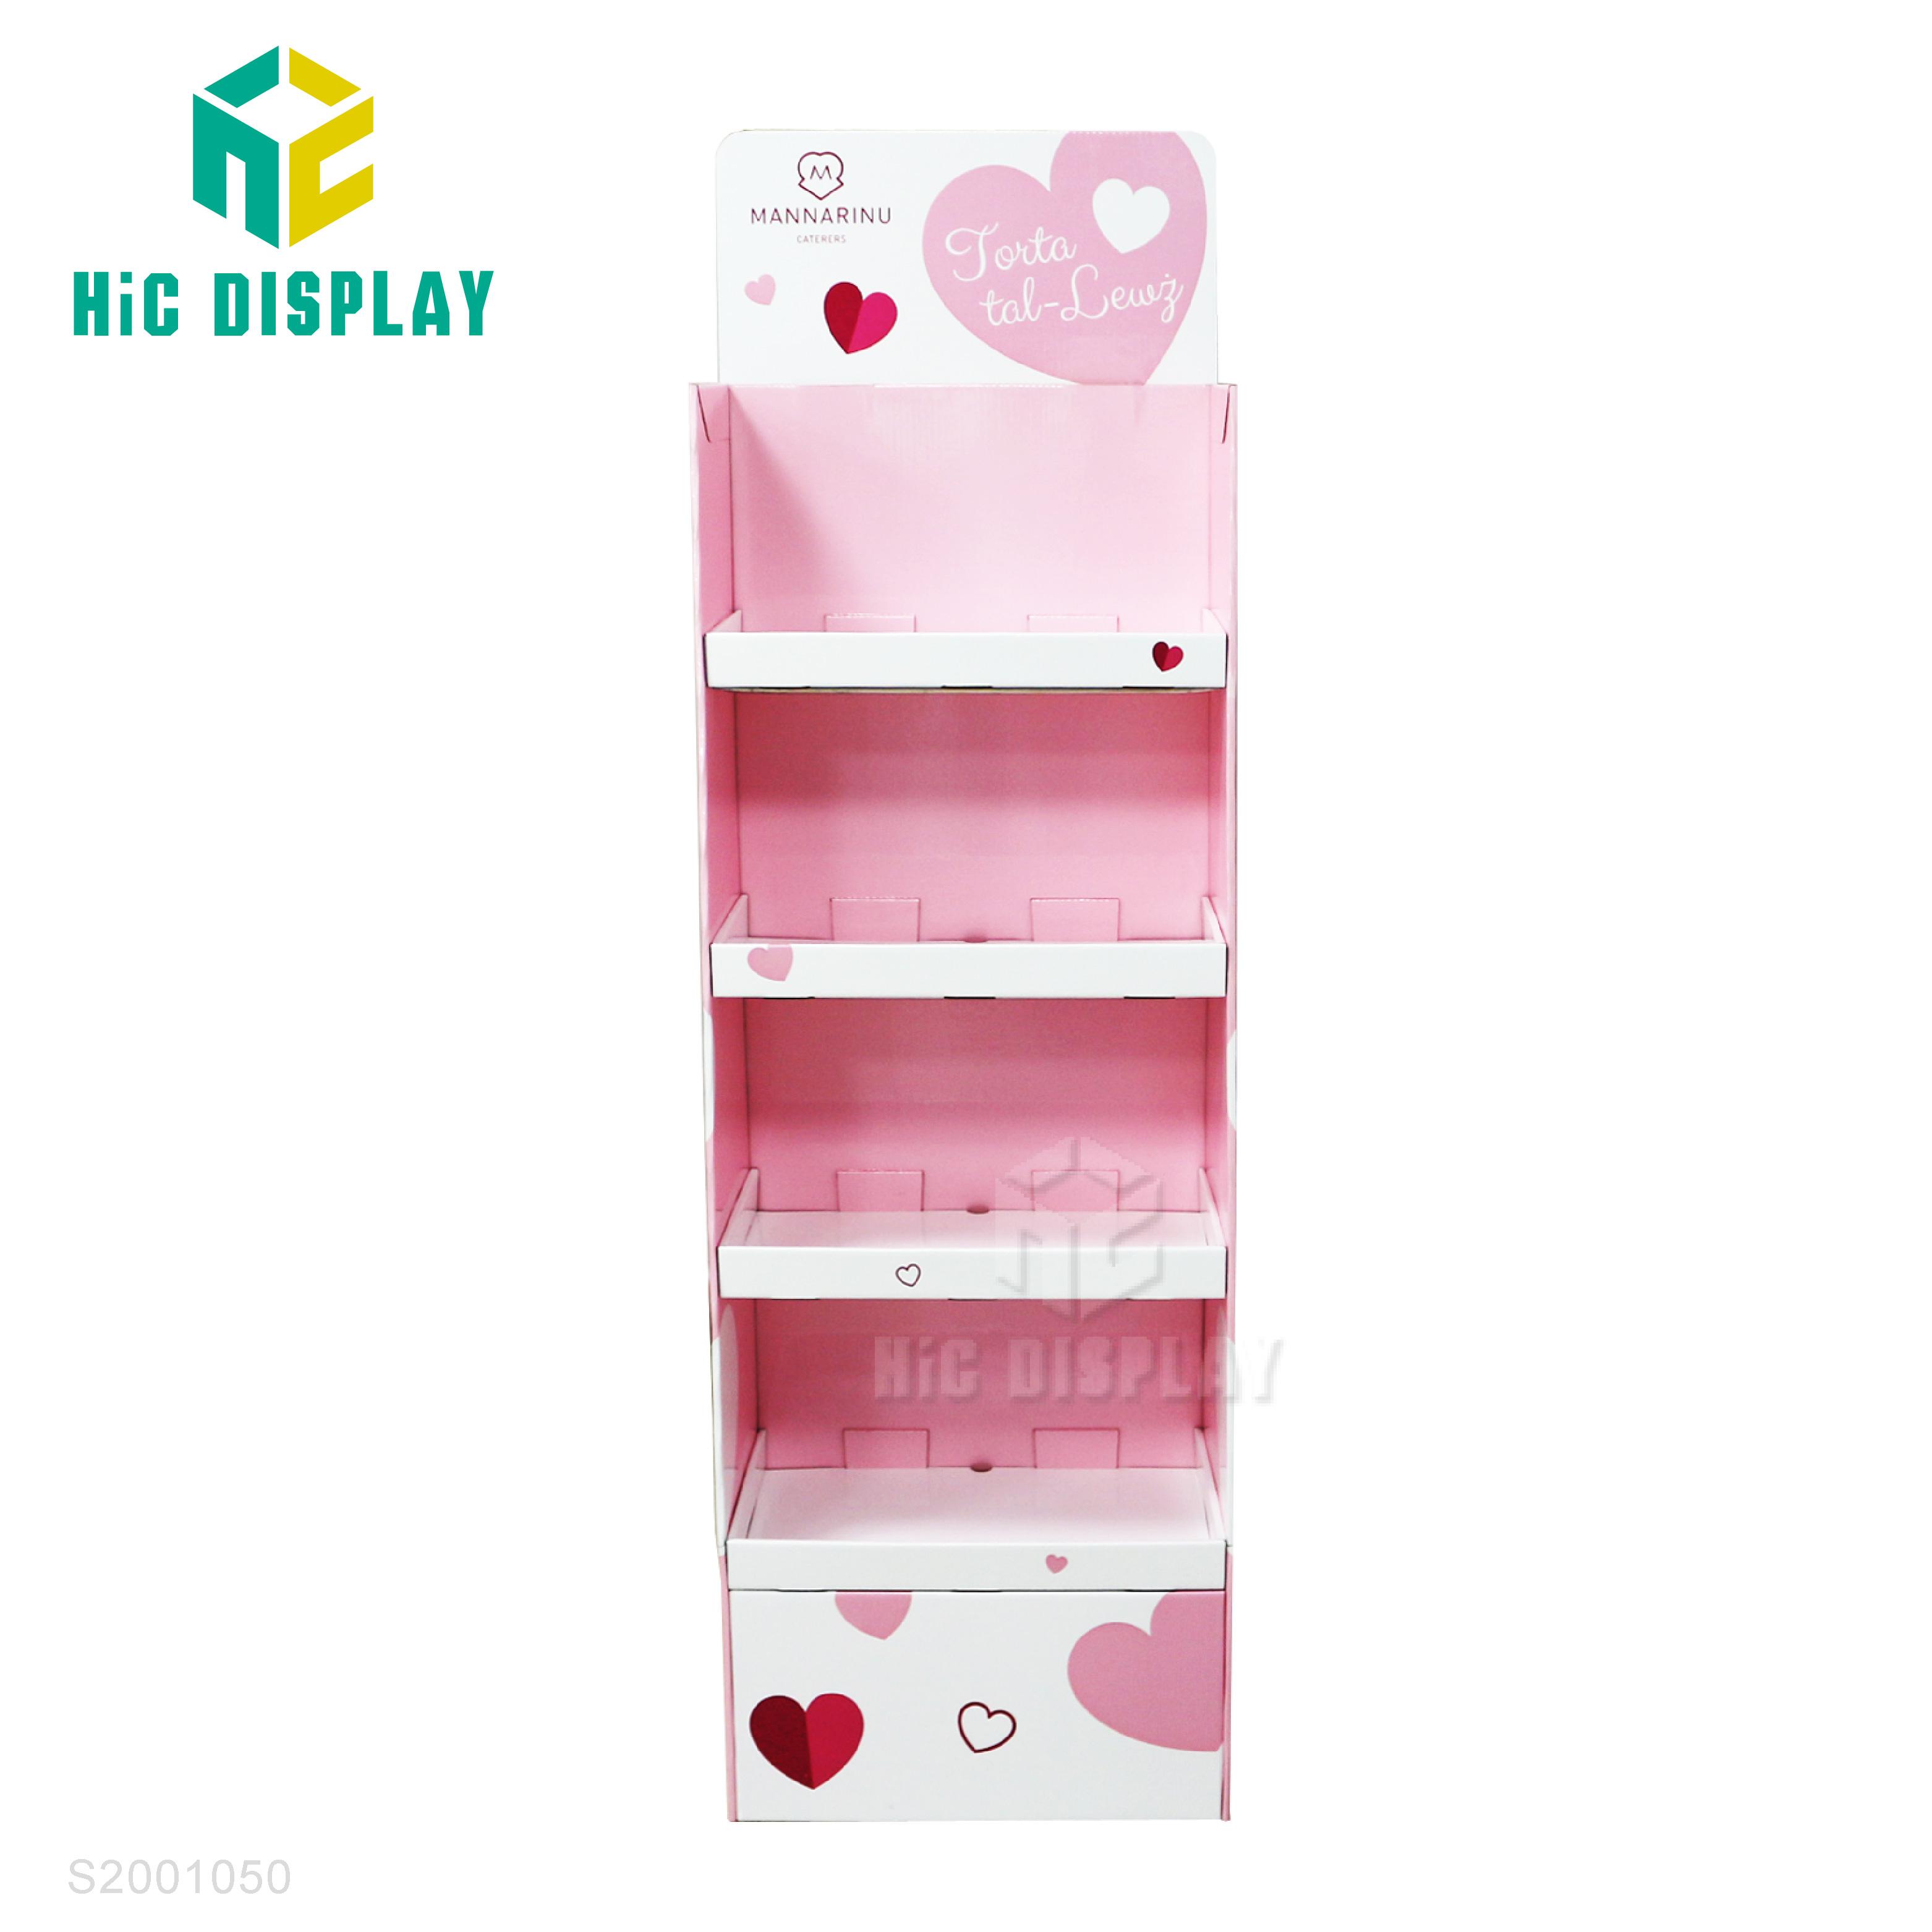 Pop Up 4 Tiers Baby Shop Floor Standing Cardboard Display For Toy Doll Buy Pop Up 4 Tiers Floor Display Stand Baby Shop Cardboard Display Stand Toy Cardboard Display Stand Product On Alibaba Com